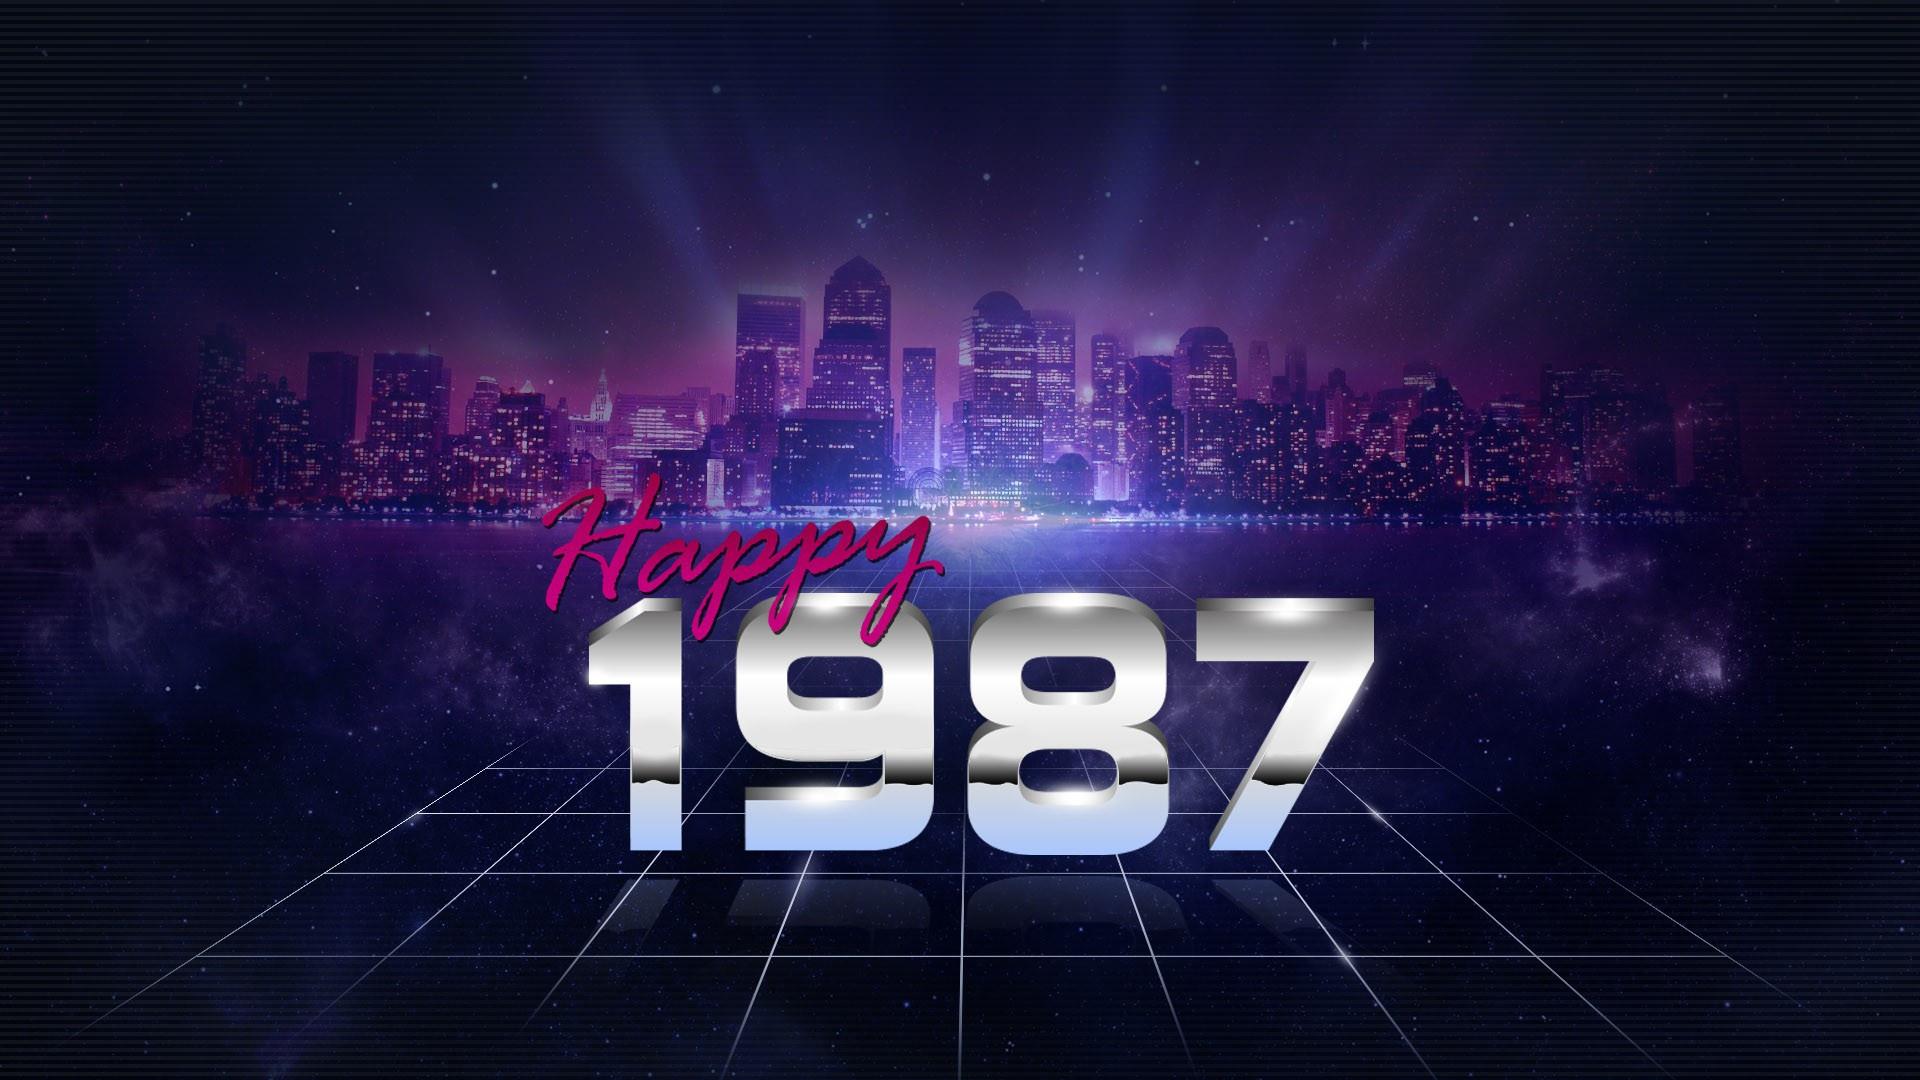 General 1920x1080 1987 (Year) numbers synthwave Retrowave digital art